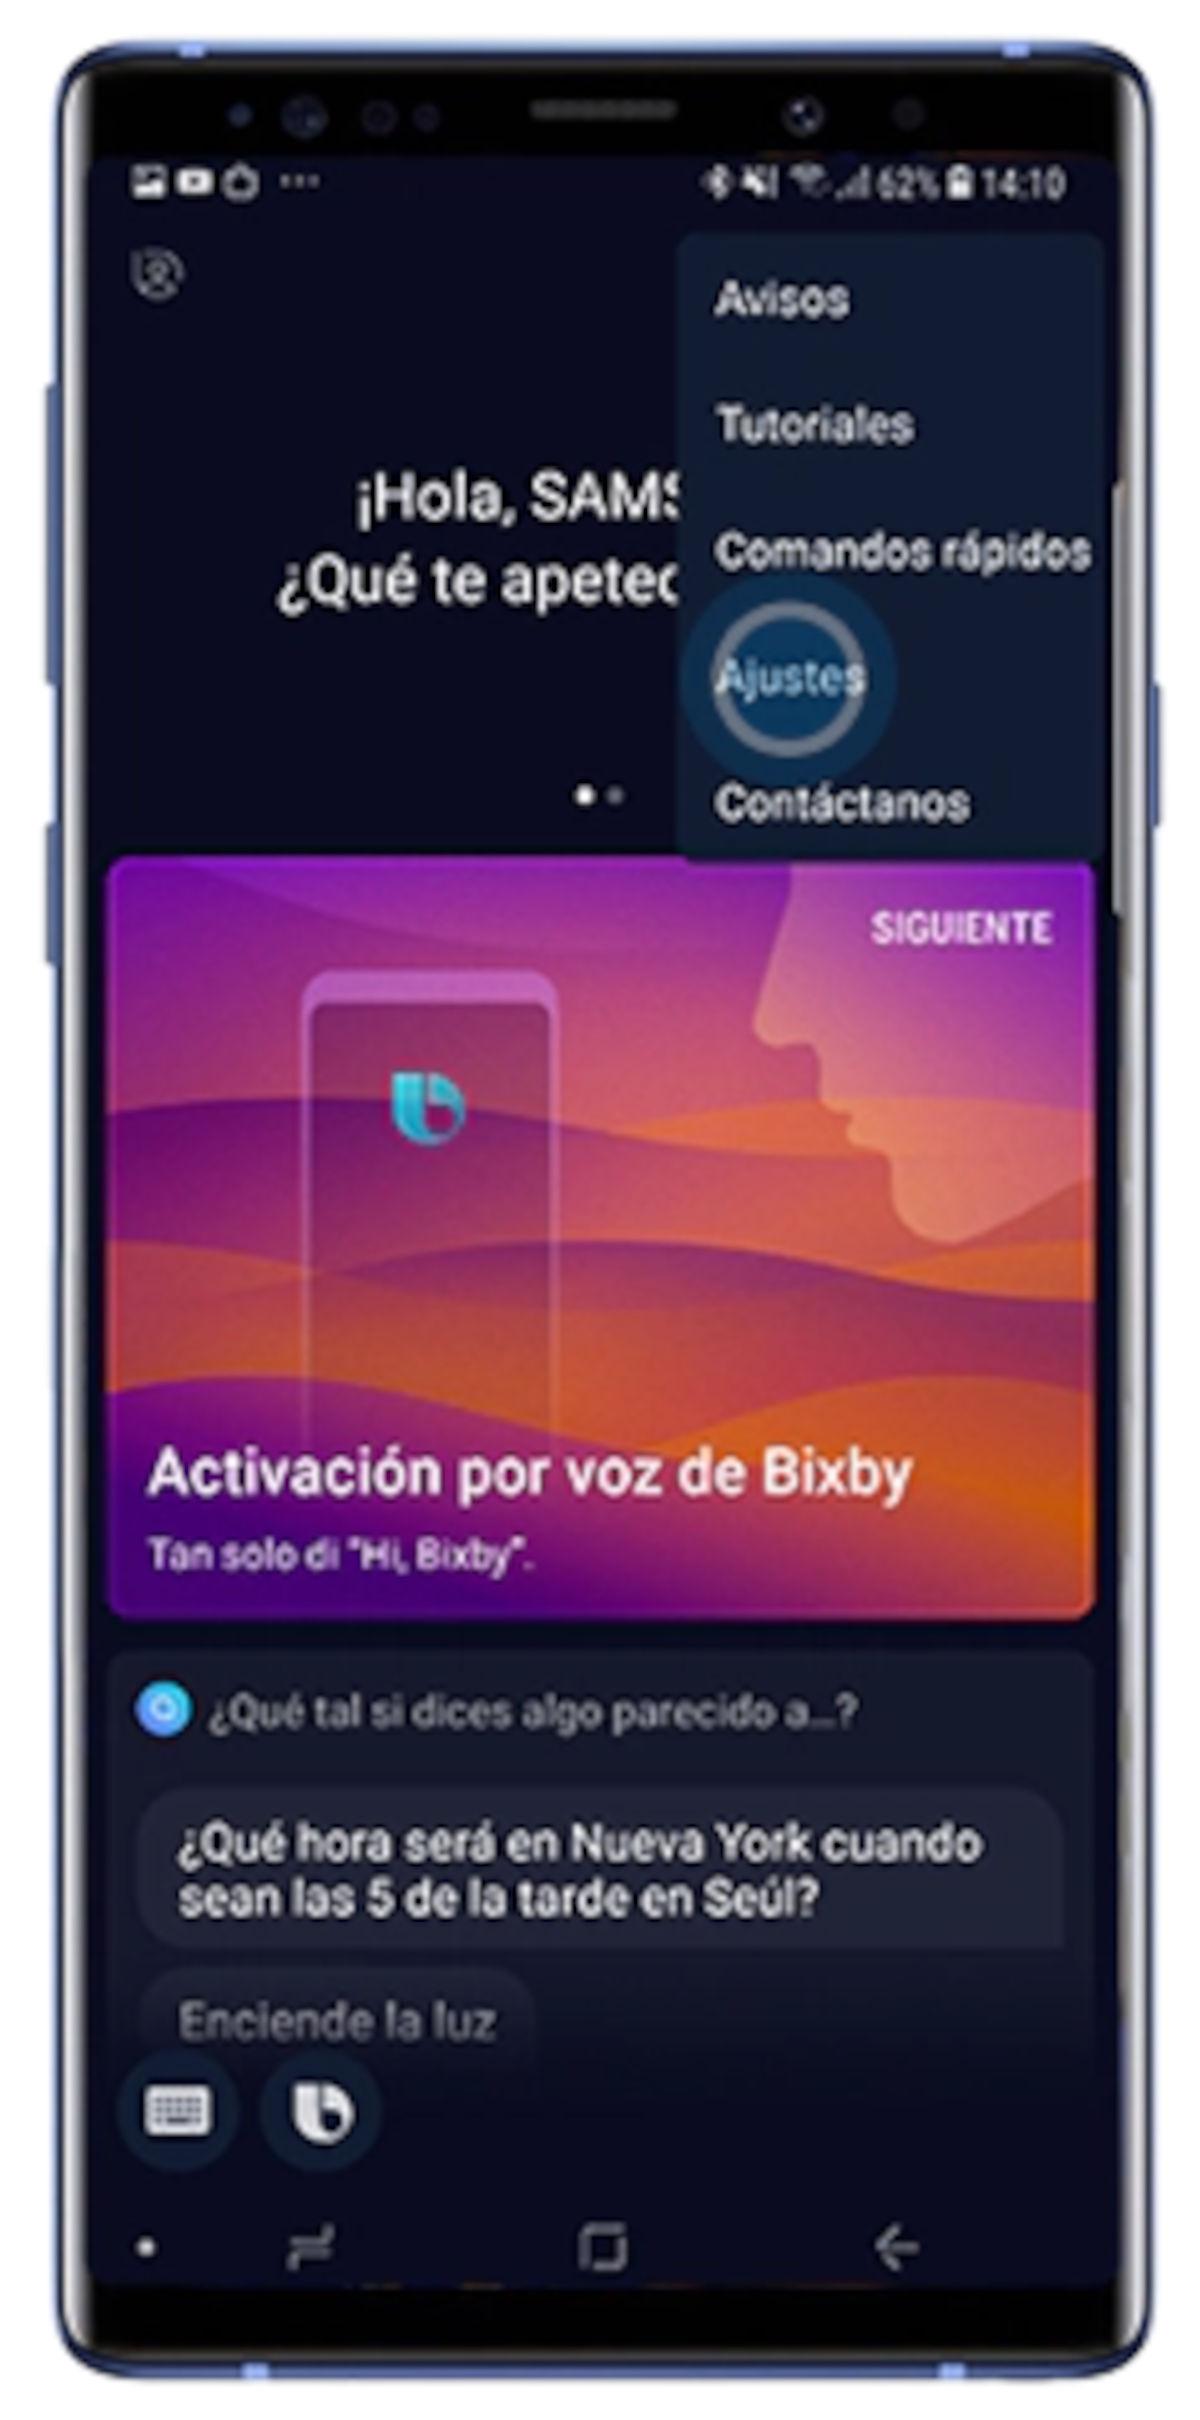 Sam y cómo activar el asistente de voz de Samsung